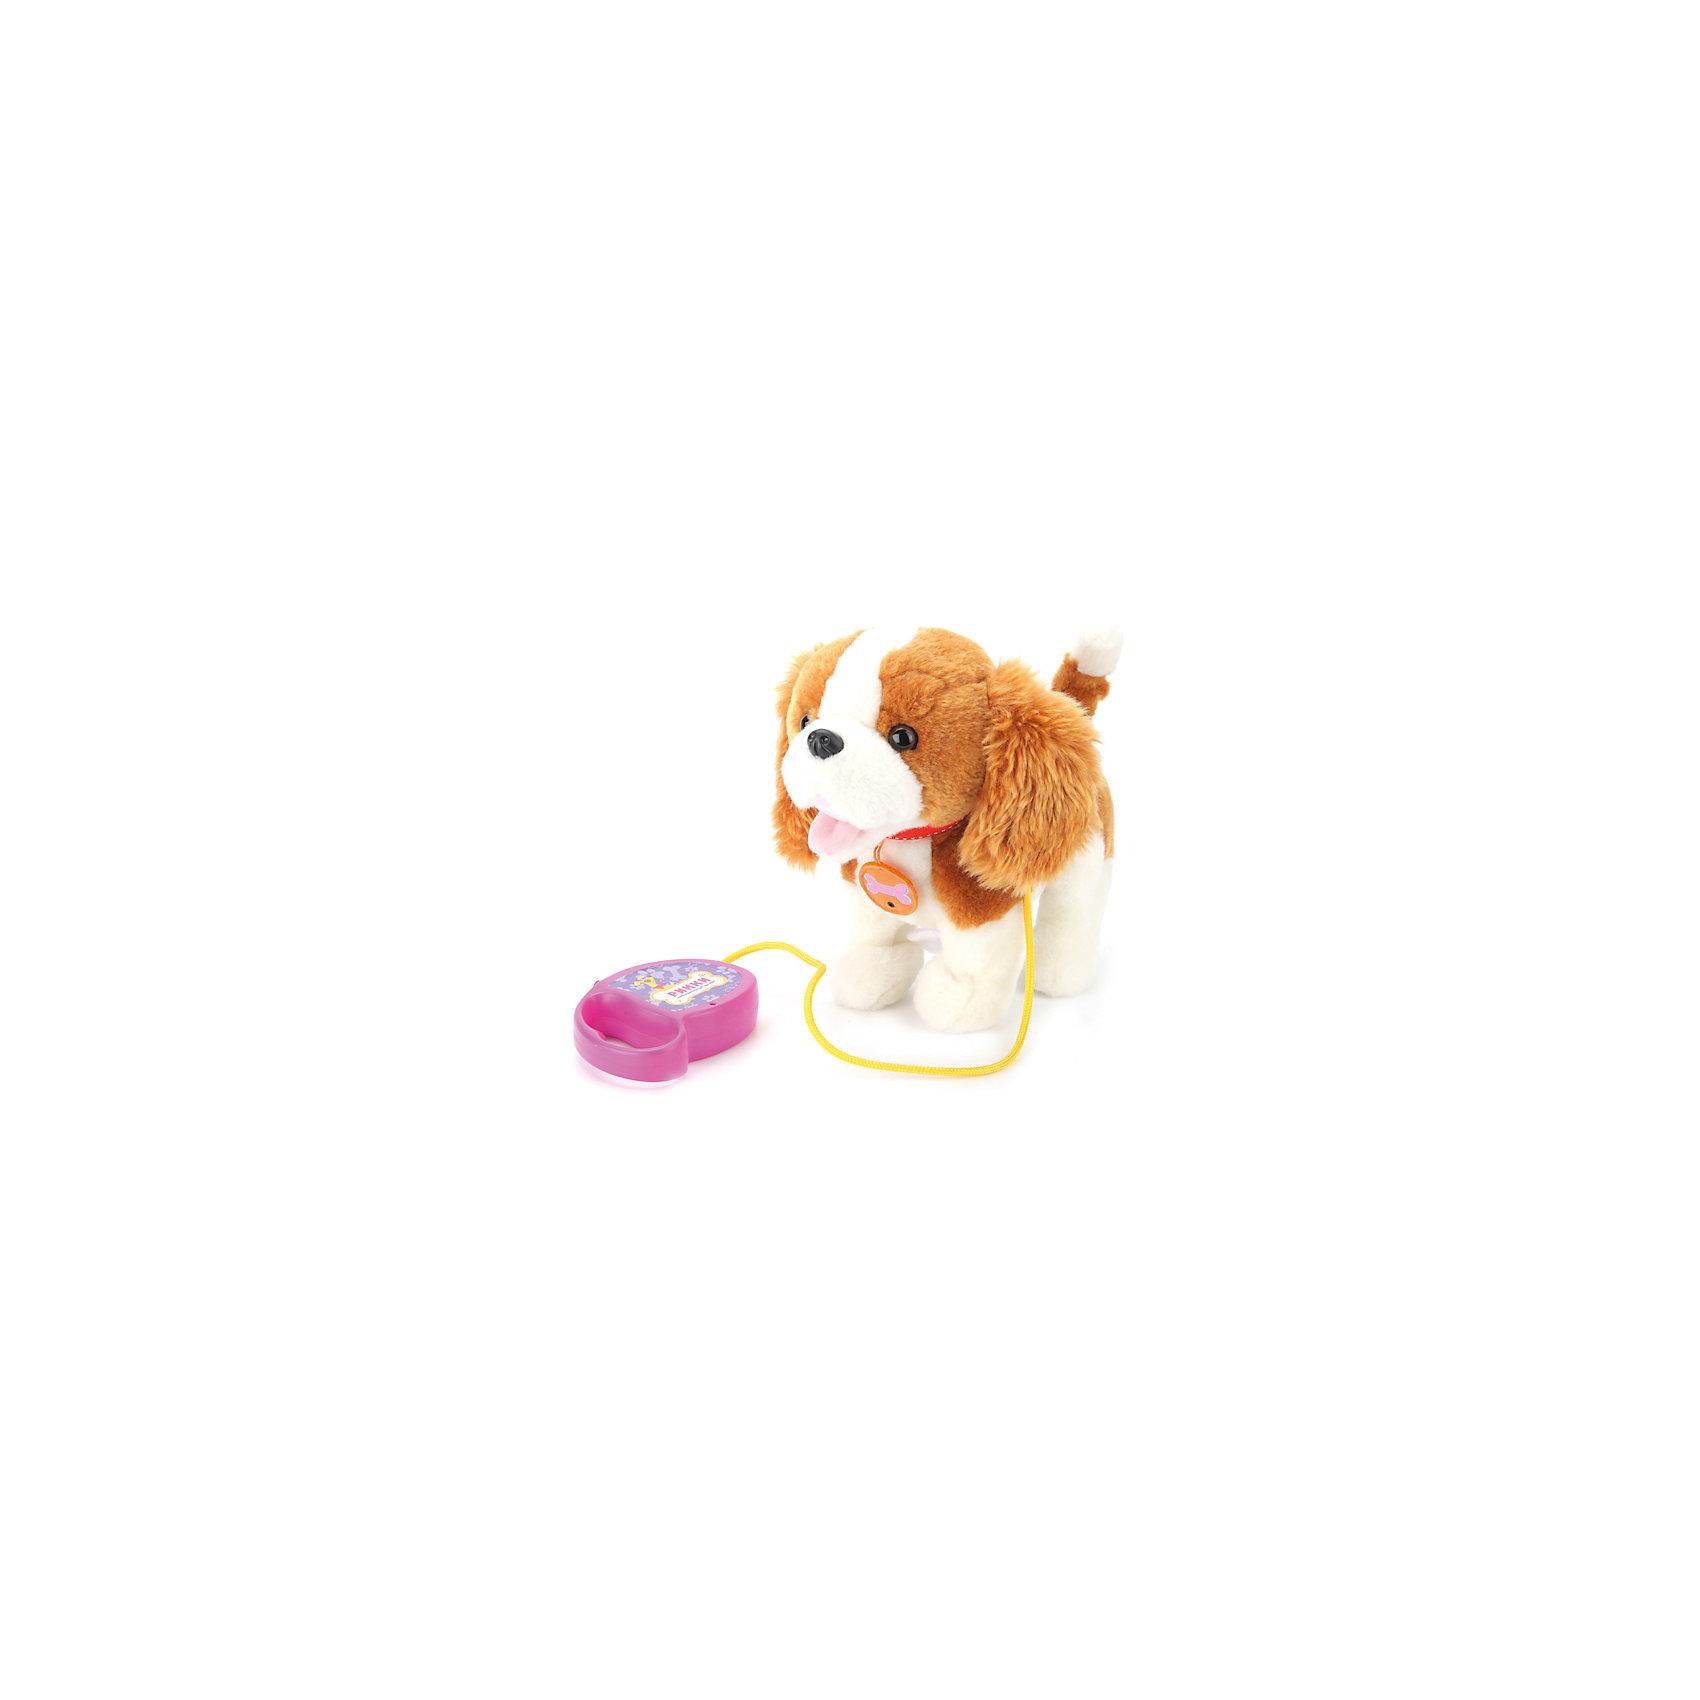 Интерактивный щенок Рикки, Играем вместеИнтерактивный щенок Рикки, Играем вместе – этот пушистый щенок, которого можно выгуливать на поводке станет настоящим другом малышу.<br>Интерактивный щенок со звучным именем Рикки оснащен сенсорами и реагирует на движения, а также на поглаживания по спинке. В комплекте с обаятельным псом вы найдете его любимое лакомство. Он обожает грызть свою косточку, при этом издавая забавные звуки. Щенок ходит, мотает головой и виляет хвостиком. Кроме того, Рикки звонко лает и скулит. Щенка можно выгуливать, держа за пульт-поводок, чтобы он не убежал. Если нужно, поводок можно легко отстегнуть. Шкурка щенка изготовлена из очень приятного на ощупь искусственного меха, а на шее есть стильный ремешок-ошейник. Этот милый интерактивный щенок не оставит равнодушными ни детей, ни их родителей!<br><br>Дополнительная информация:<br><br>- 8 функций: реагирует на поглаживание по спинке, реагирует на движение, грызет косточку со звуком, двигает головой, виляет хвостом, ходит, лает, скулит<br>- В комплекте: щенок, косточка, пульт-поводок<br>- Размер: 25 см.<br>- Цвет: белый, светло-коричневый<br>- Материал: искусственный мех, наполнитель, пластик<br>- Батарейки: 3 типа АА (входят в комплект)<br>- Размер упаковки: 20 x 30 x 29 см.<br>- Вес: 730 гр.<br><br>Интерактивного щенка Рикки, Играем вместе можно купить в нашем интернет-магазине.<br><br>Ширина мм: 590<br>Глубина мм: 610<br>Высота мм: 320<br>Вес г: 730<br>Возраст от месяцев: 36<br>Возраст до месяцев: 96<br>Пол: Женский<br>Возраст: Детский<br>SKU: 4395907